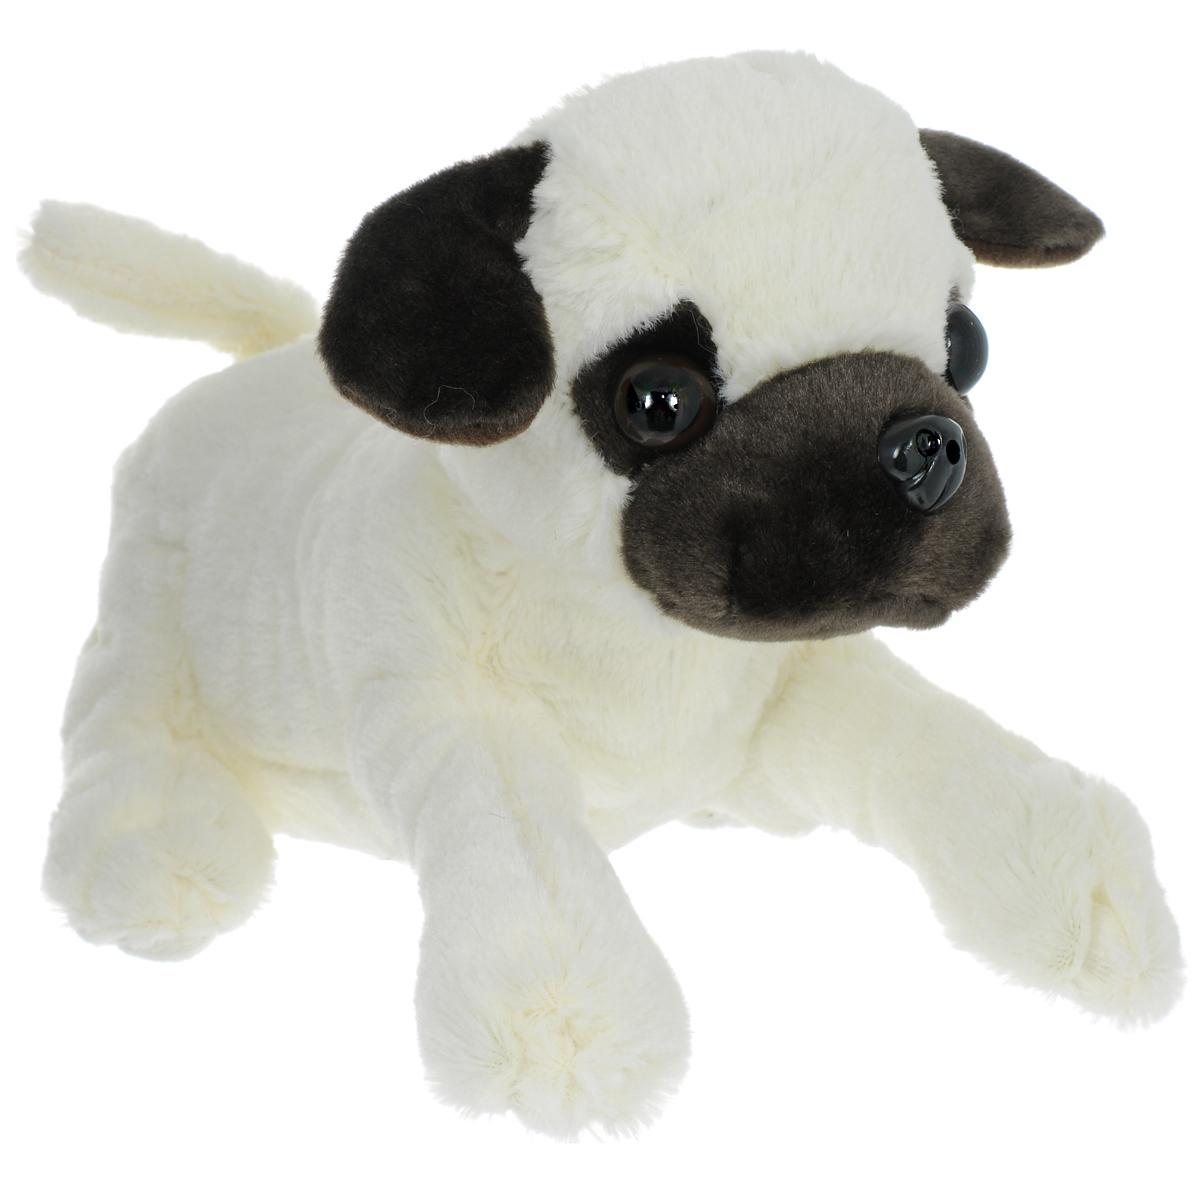 Интерактивная игрушка Fluffy Family Пес Тимка интерактивная игрушка fluffy family бобер повторяшка от 3 лет 681012 коричневый